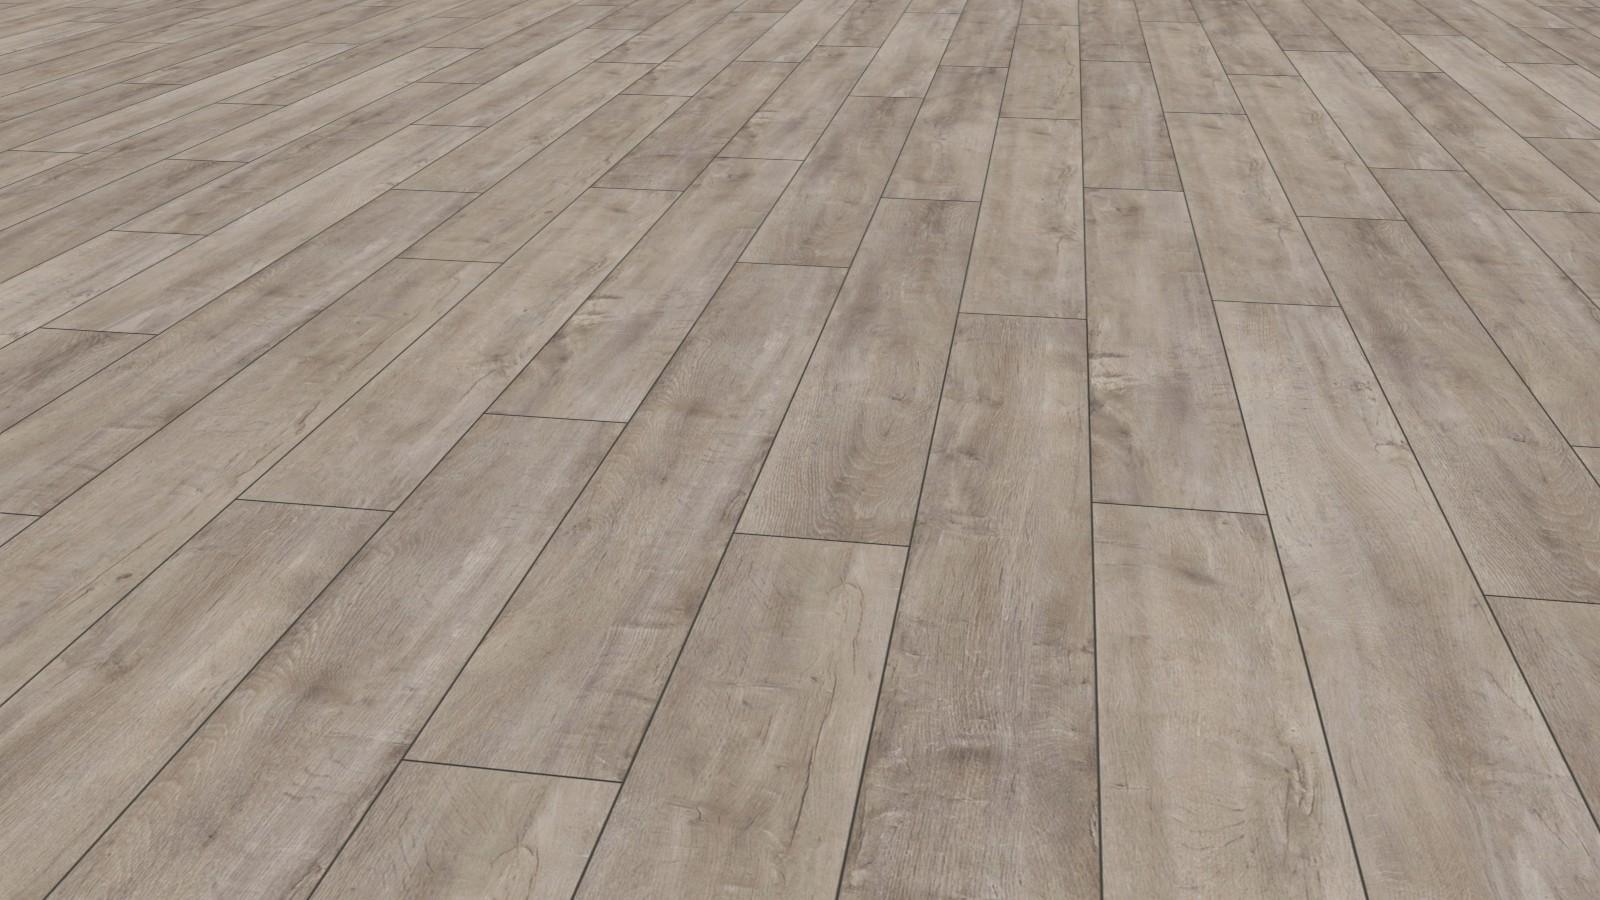 Ламинат Kronotex (Кронотекс) Exquisit D4985 Дуб восточный серый фото 2